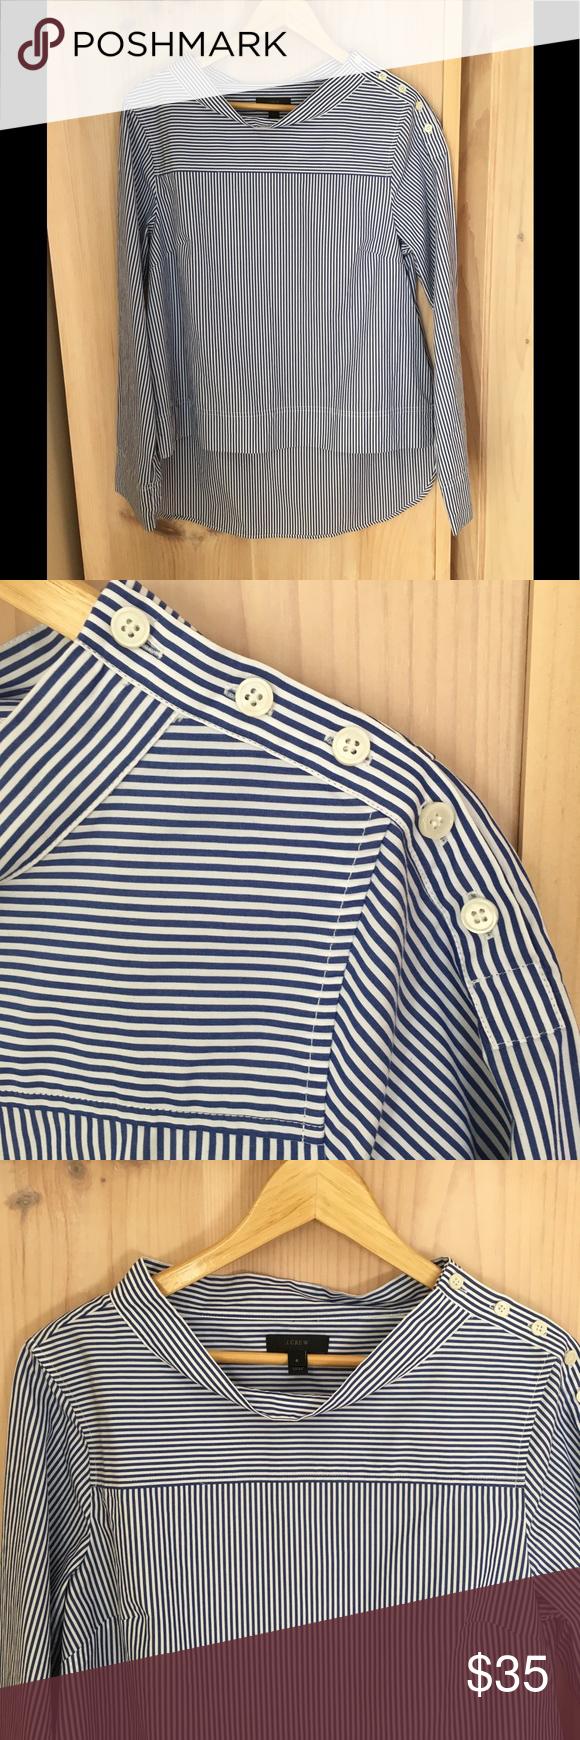 NWOT J. Crew Funnel neck blouse. NWOT J. Crew Funn